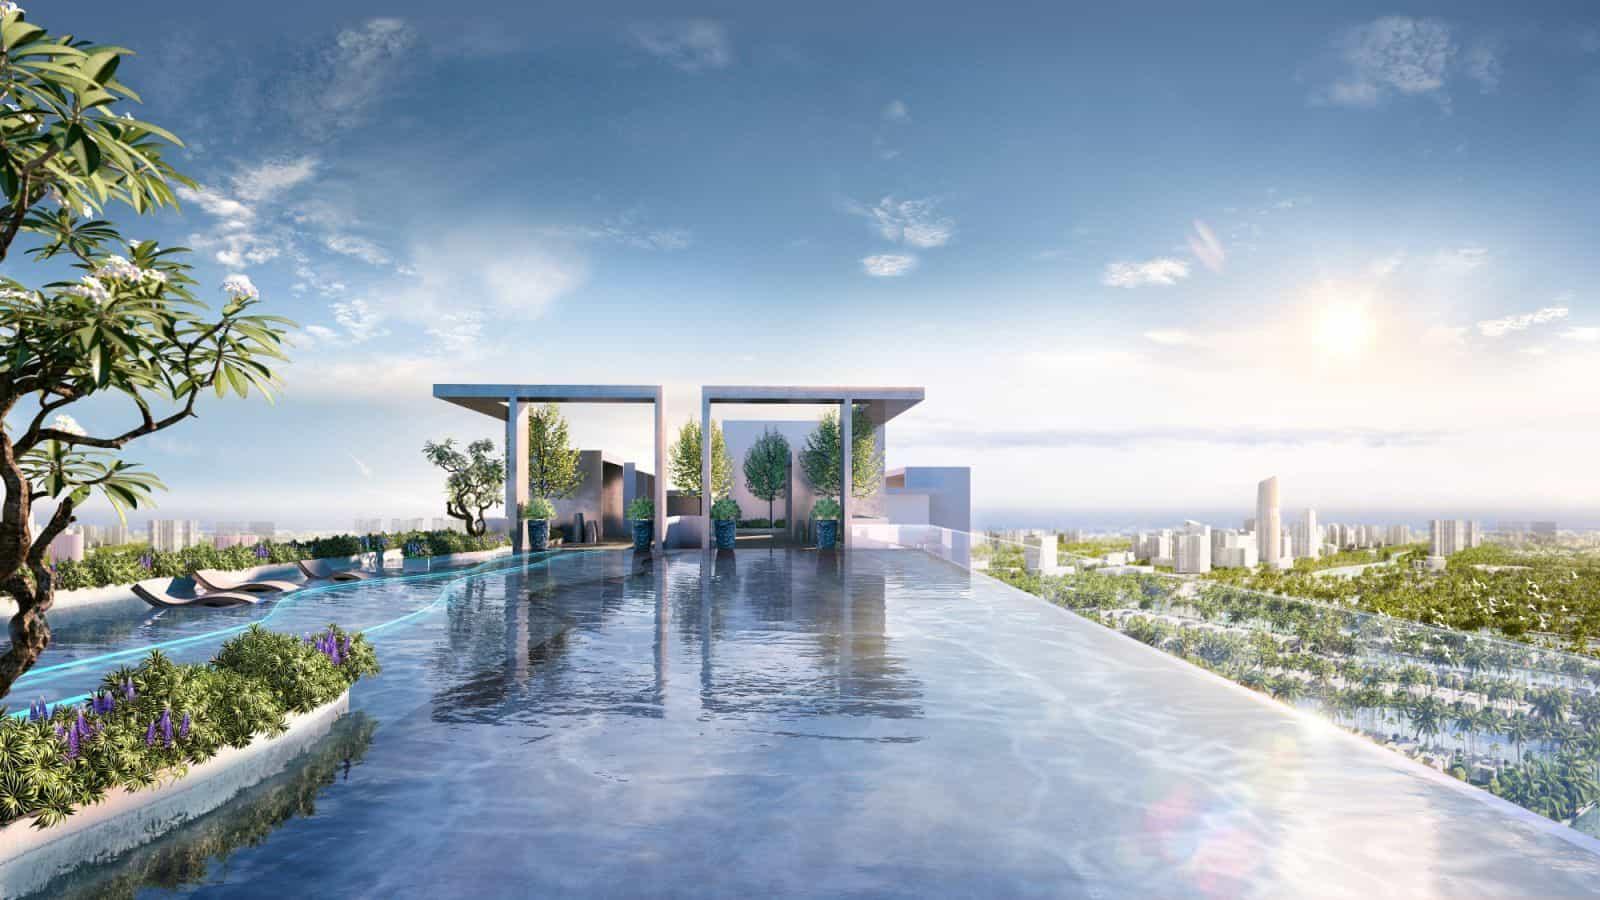 Tiên cảnh Hồ bơi chân mây đẹp như trong mơ tại Astral City